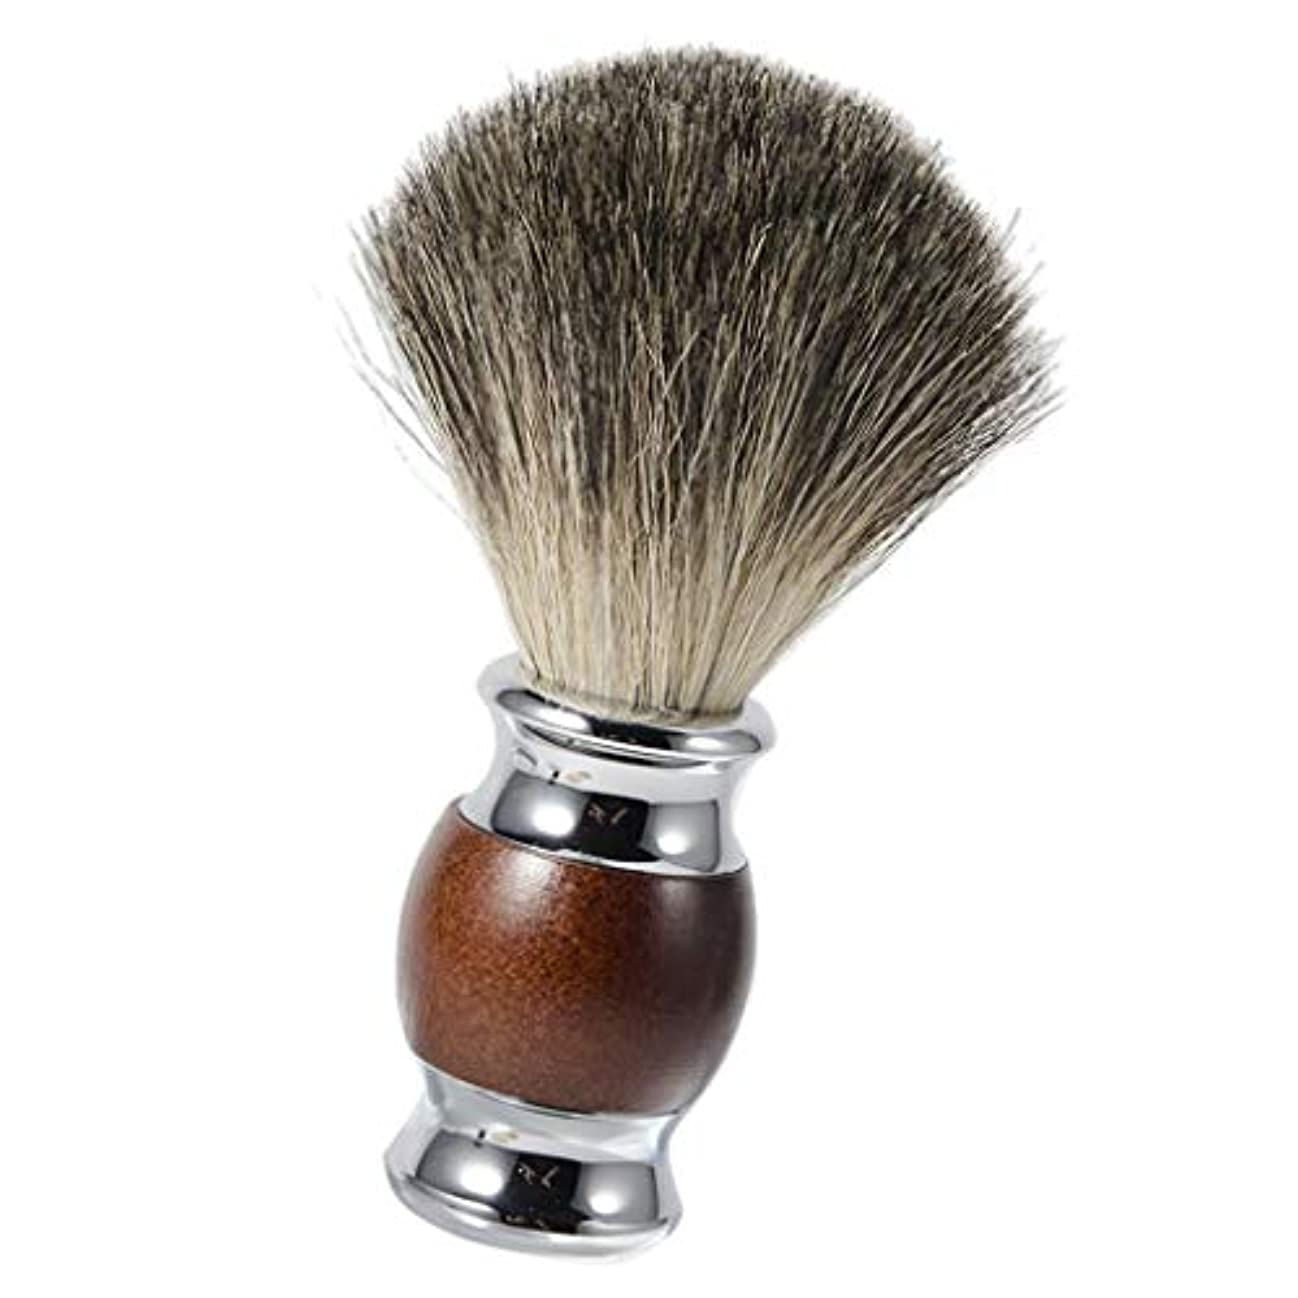 高層ビル批評アナニバーひげブラシ シェービングブラシ 木製ハンドル 理容 洗顔 髭剃り 泡立ち メンズ用 友人にプレゼント